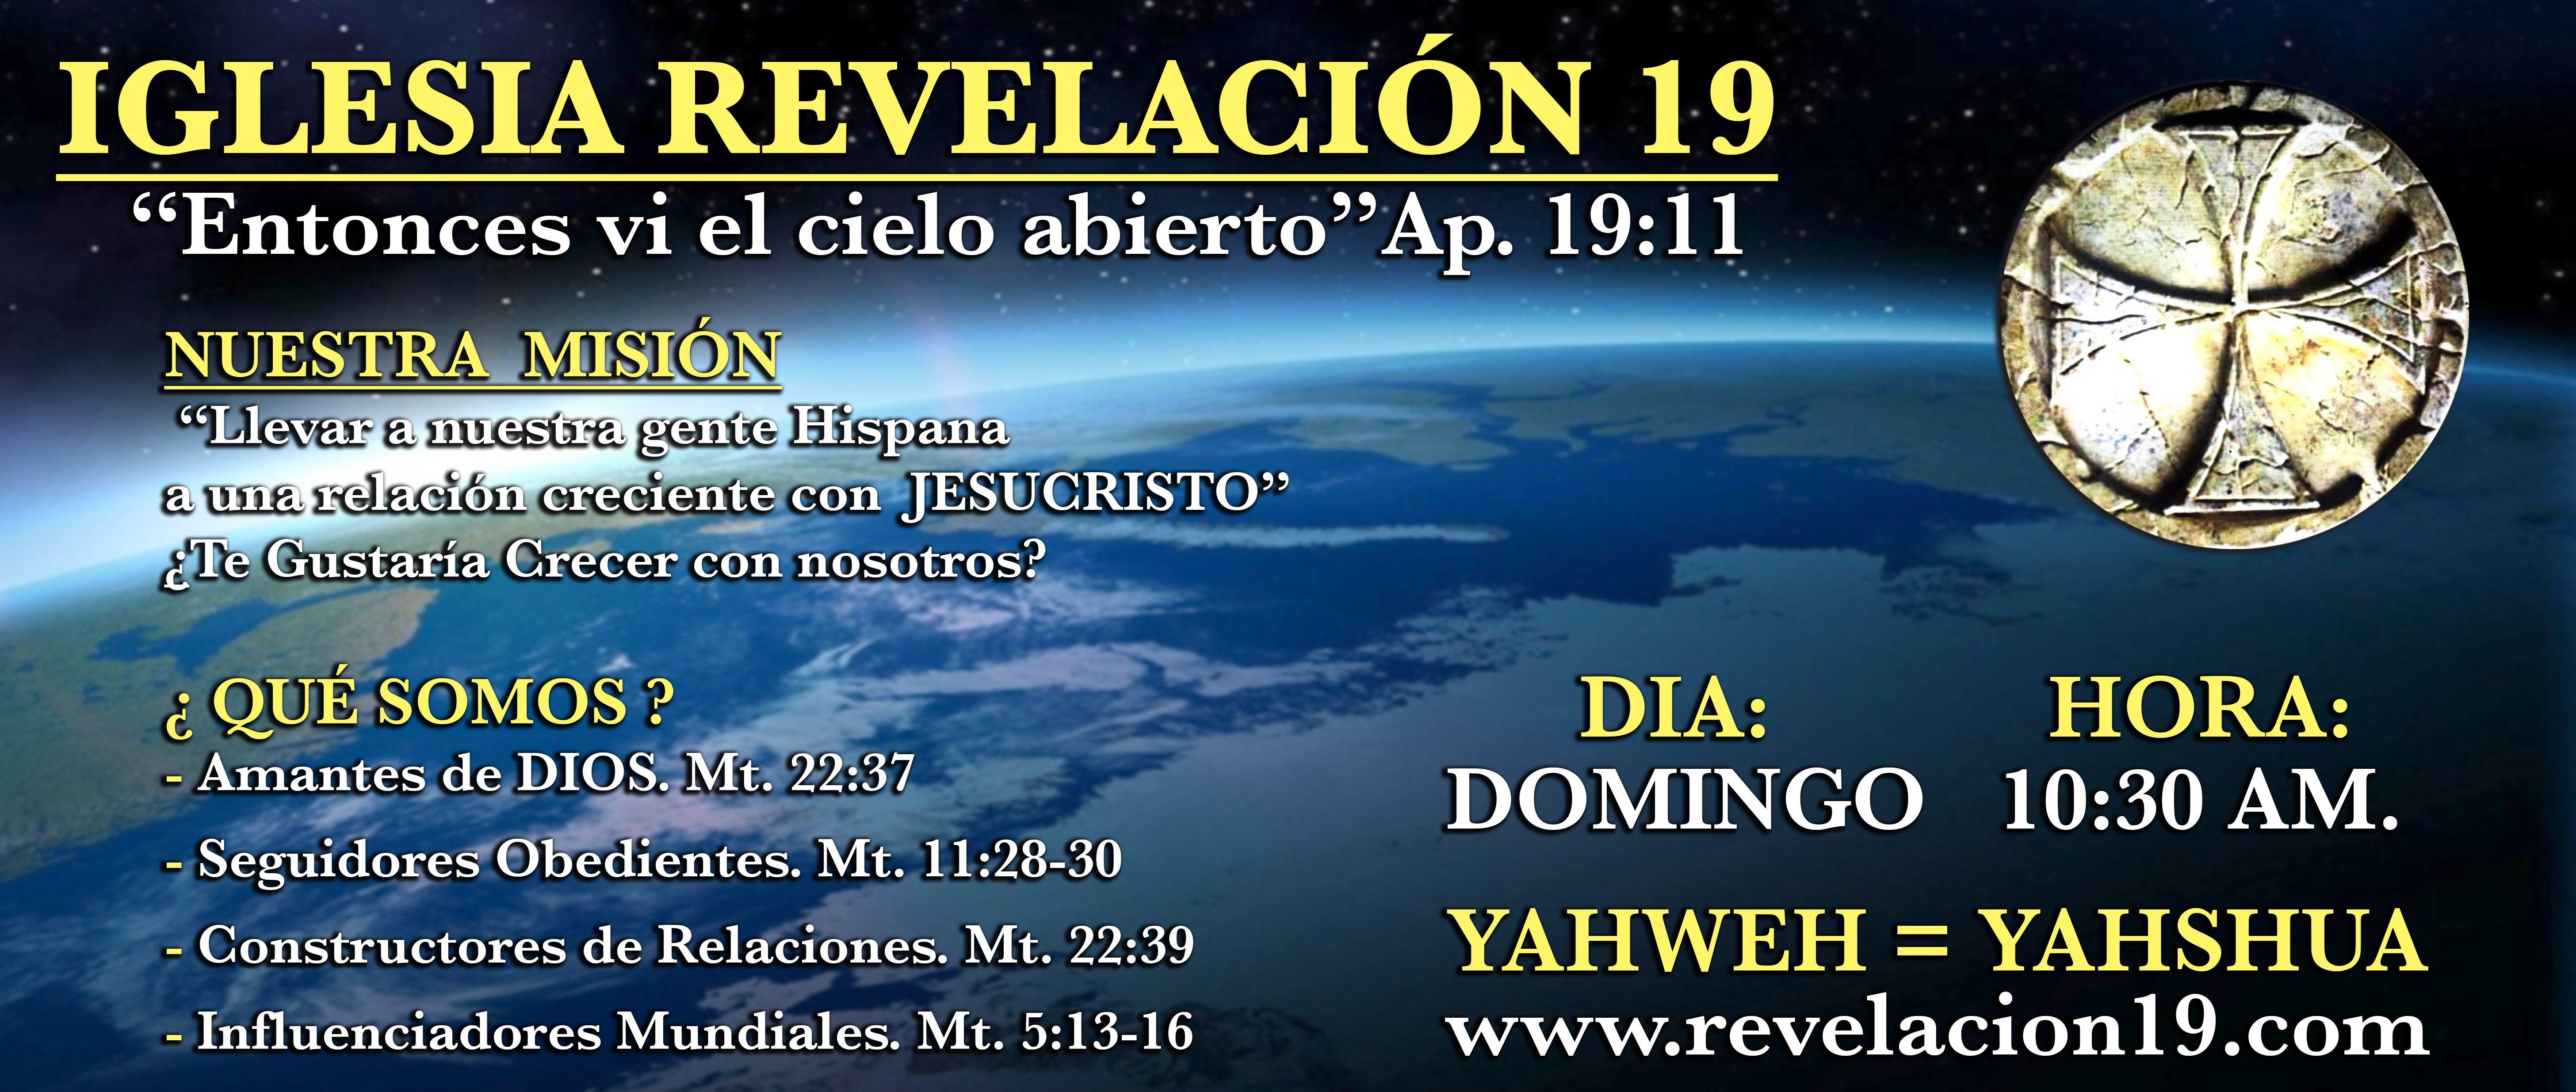 Iglesia Revelación 19